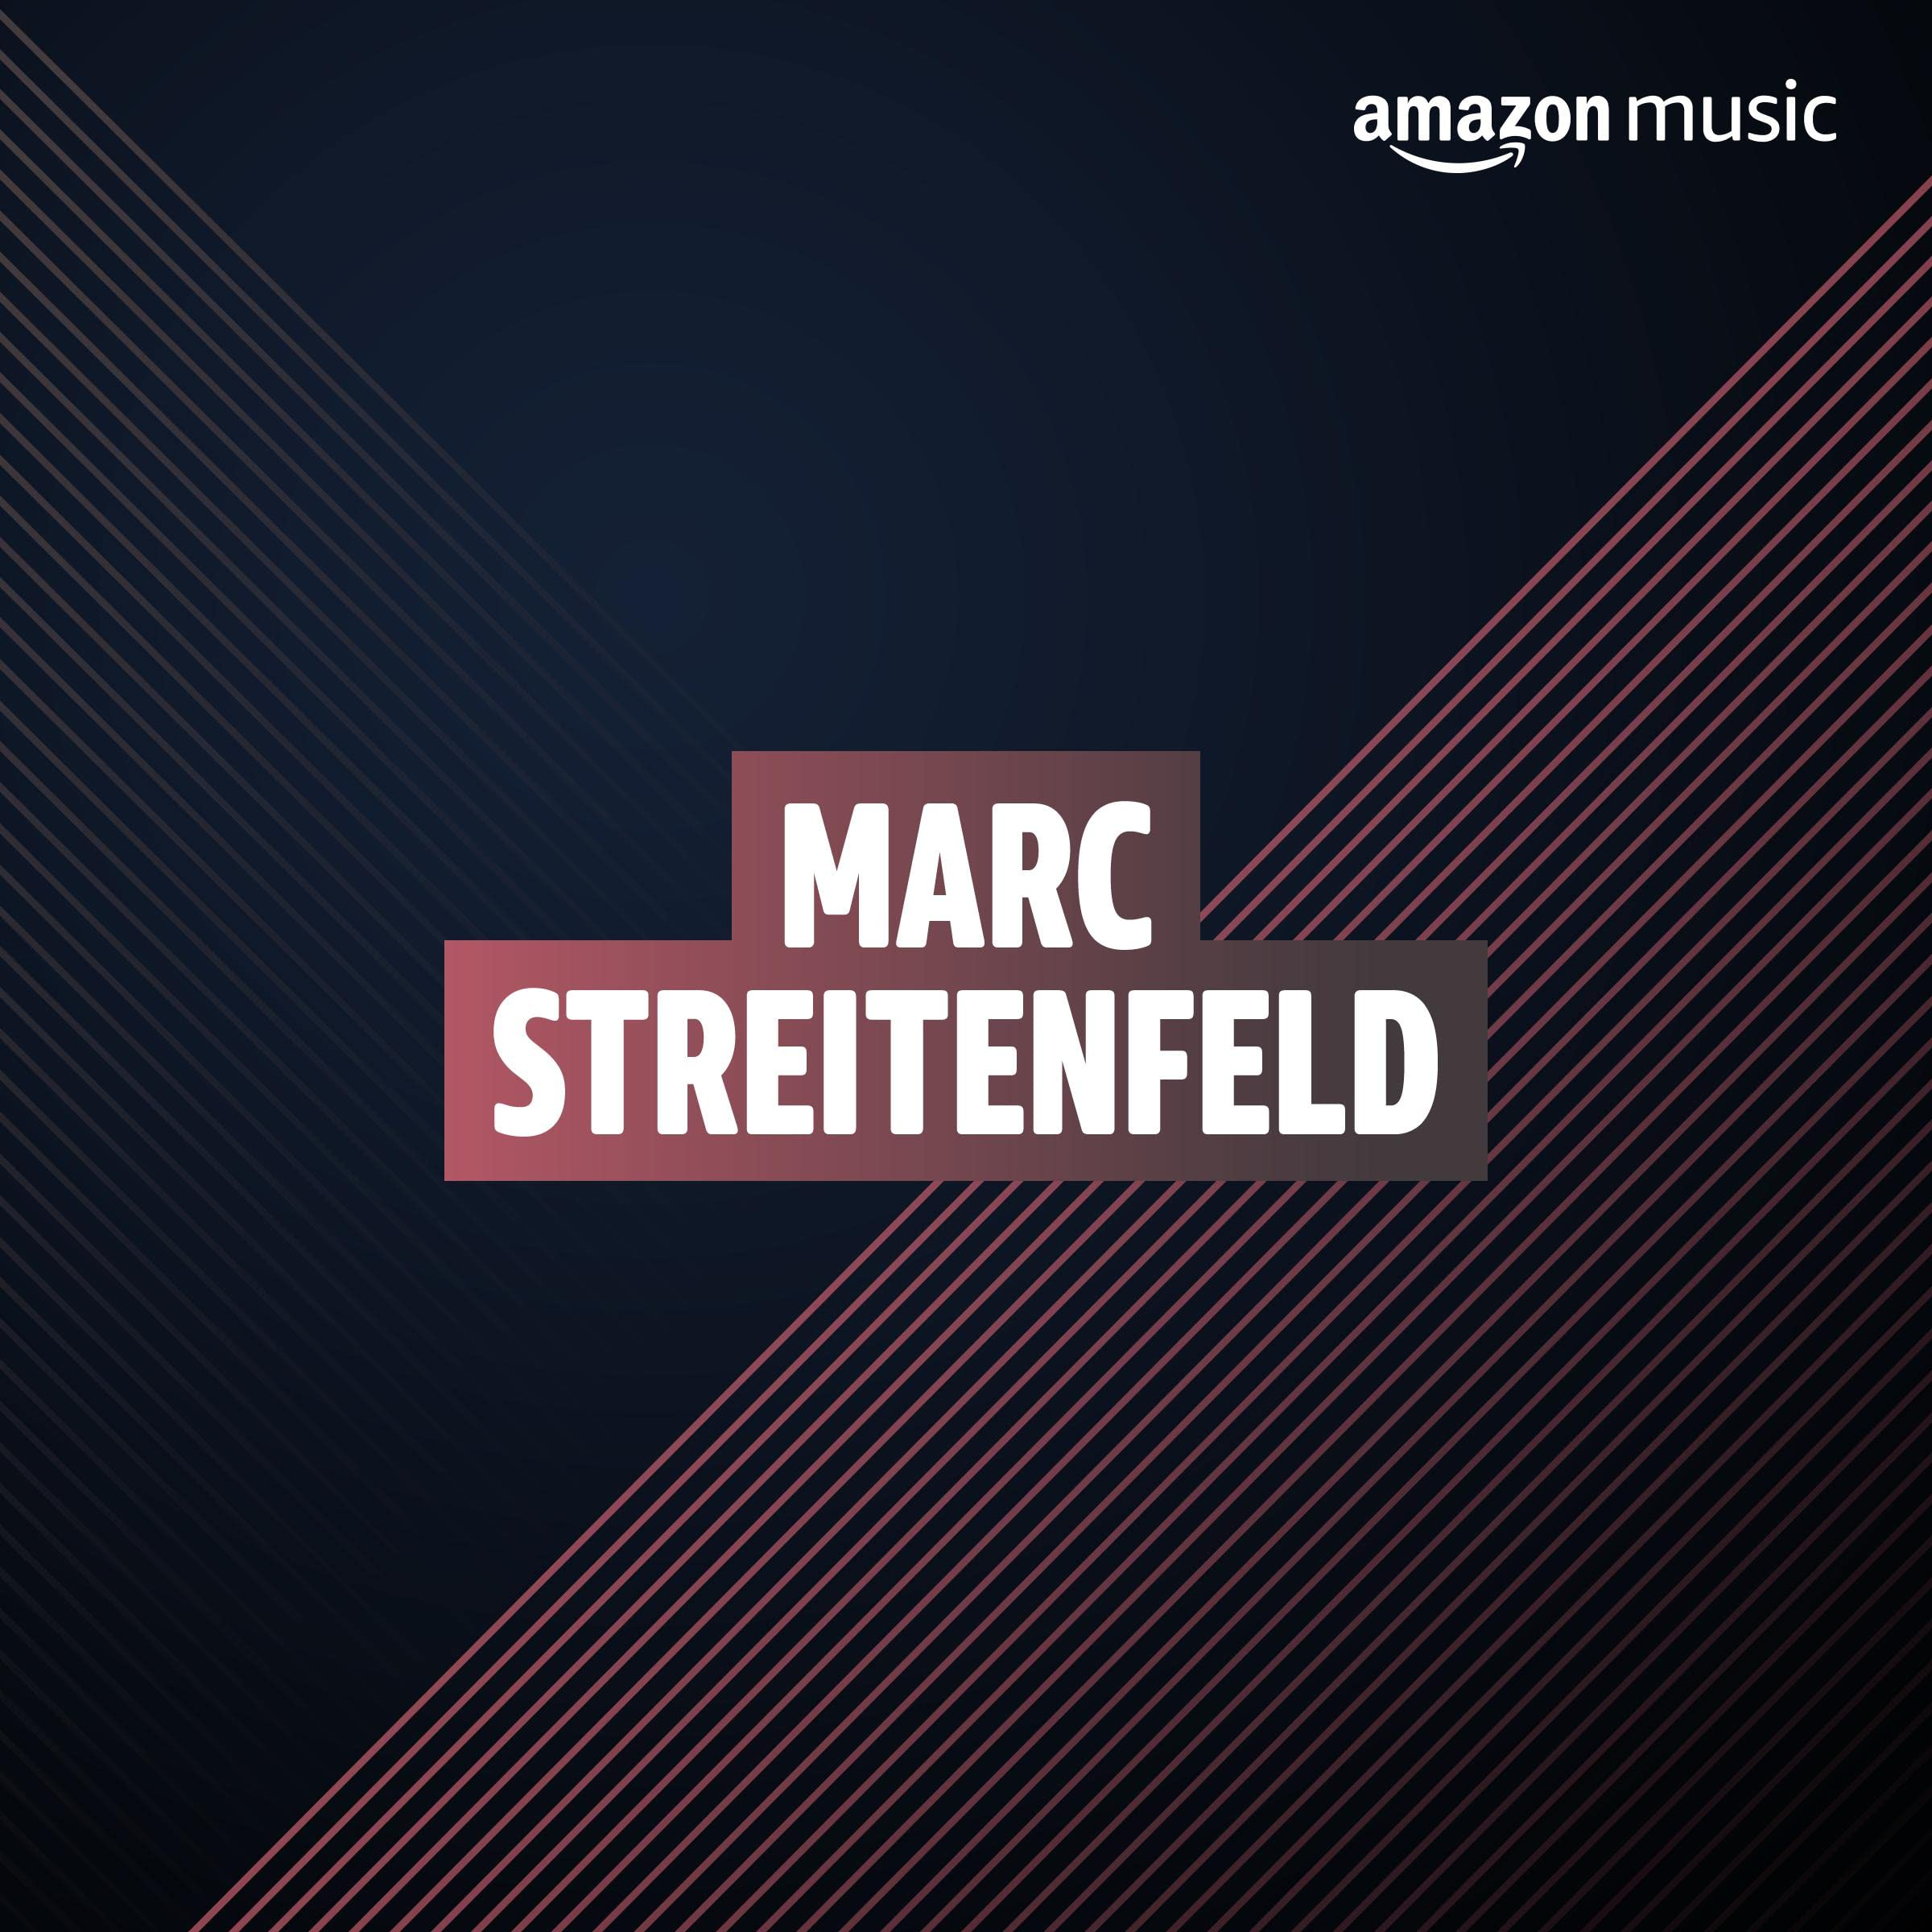 Marc Streitenfeld